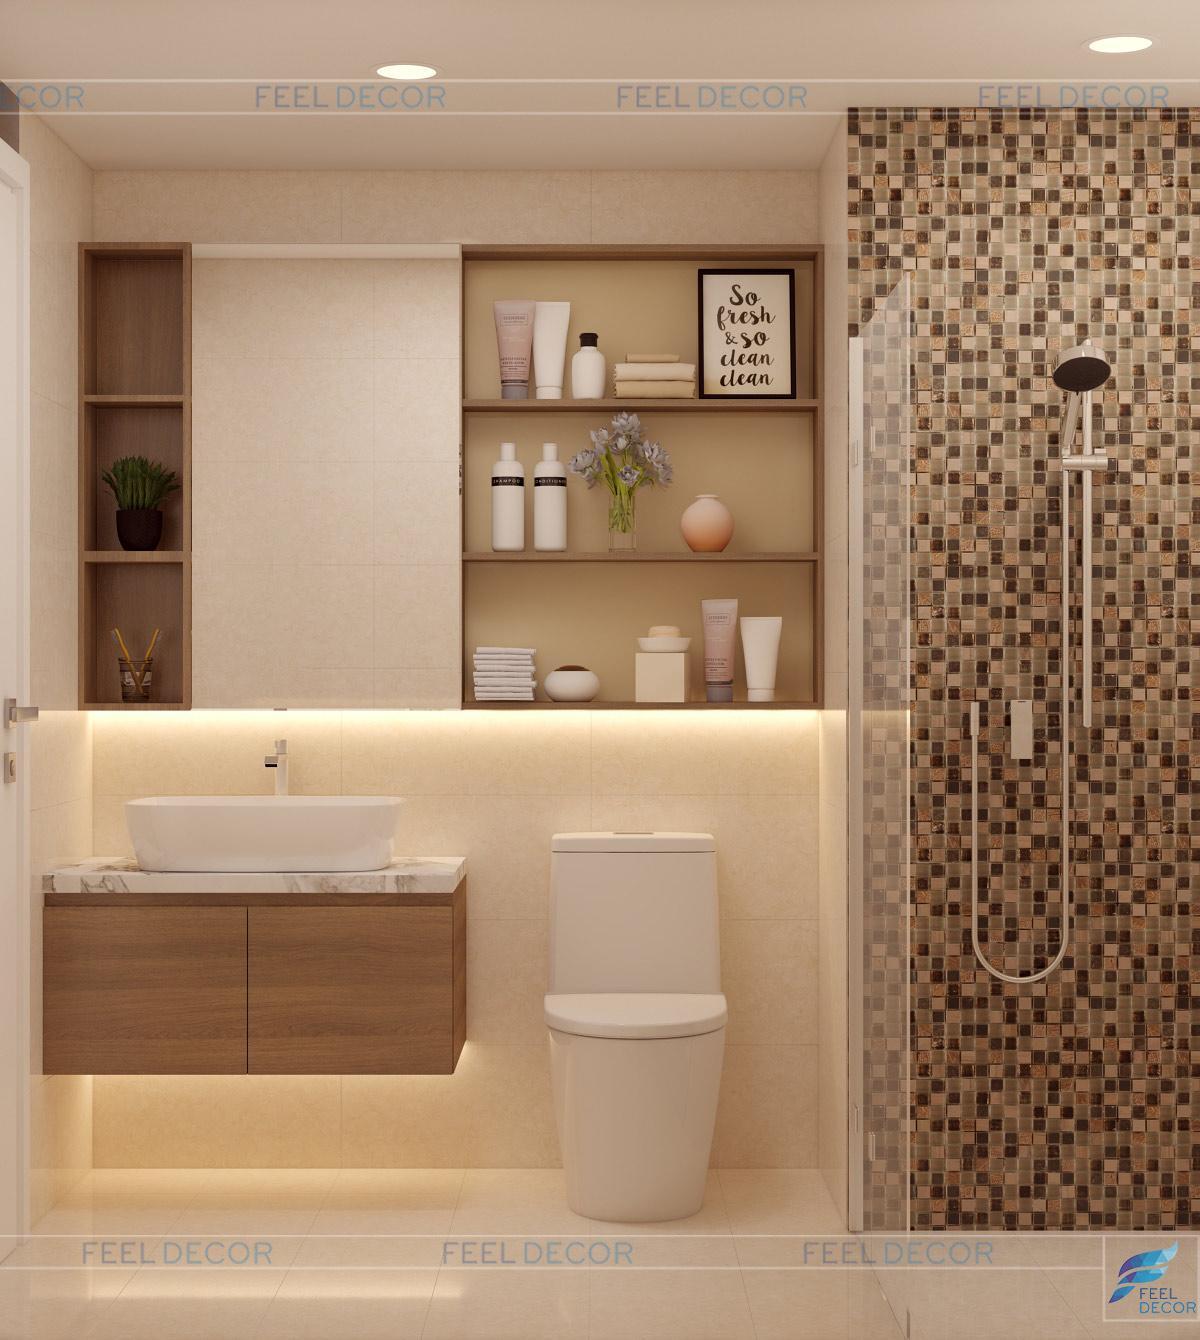 Thiết kế thi công nội thất căn hộ 3 phòng ngủ 81m2 chung cư Orchard Parkview – FD9118